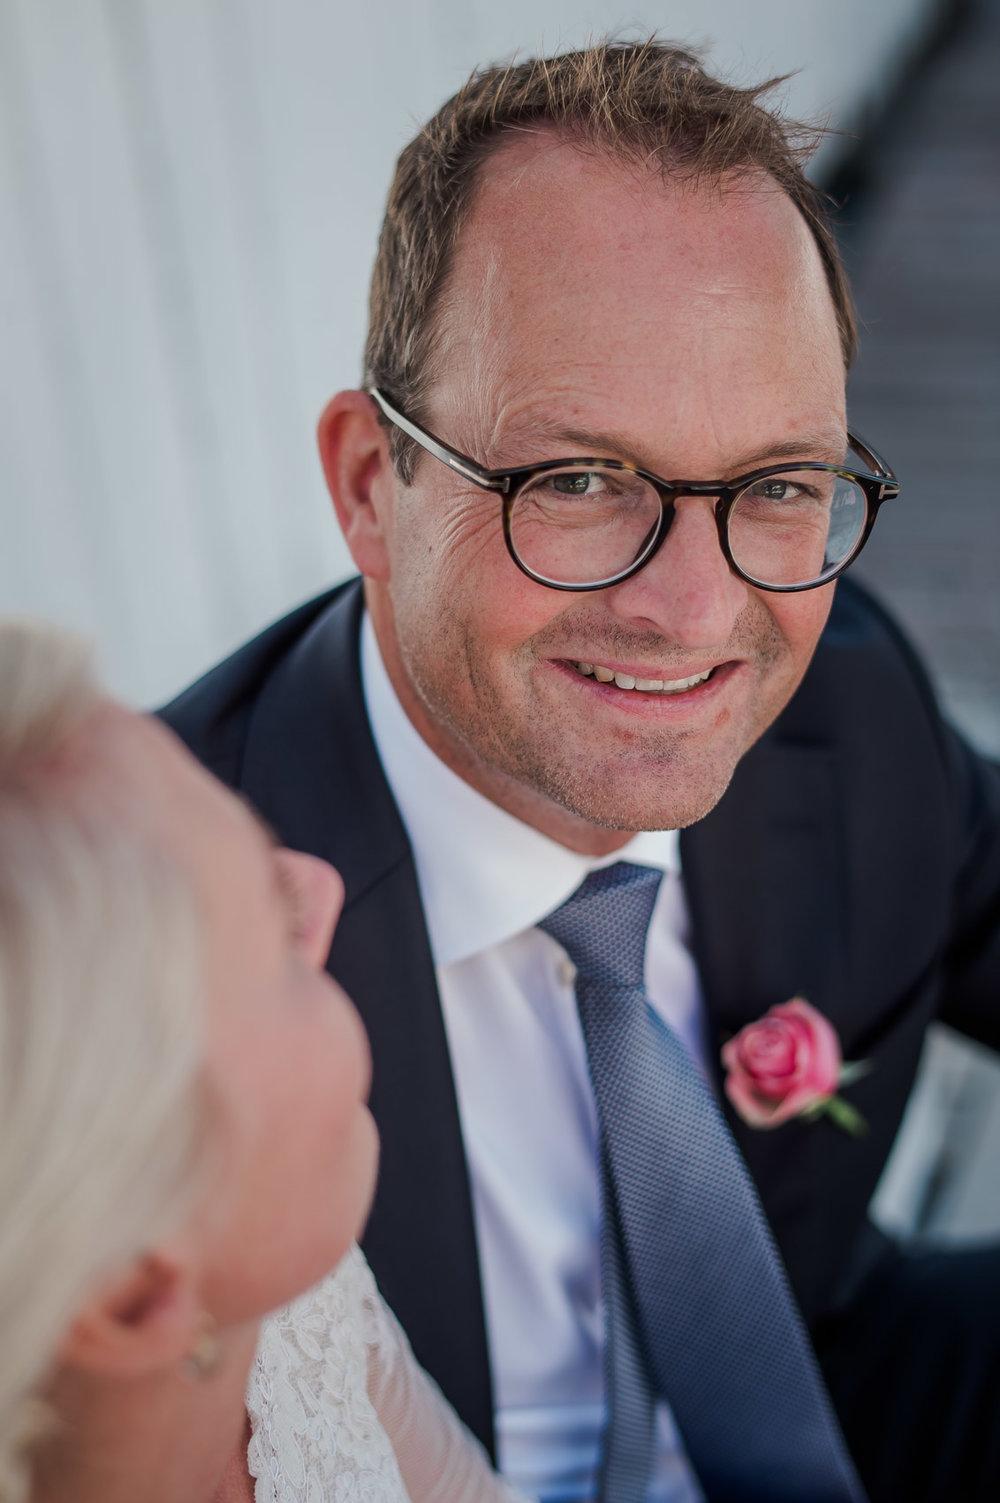 bryllup-fotograf-tønsberg-bryllupsfotograf-langesund bad-49.jpg